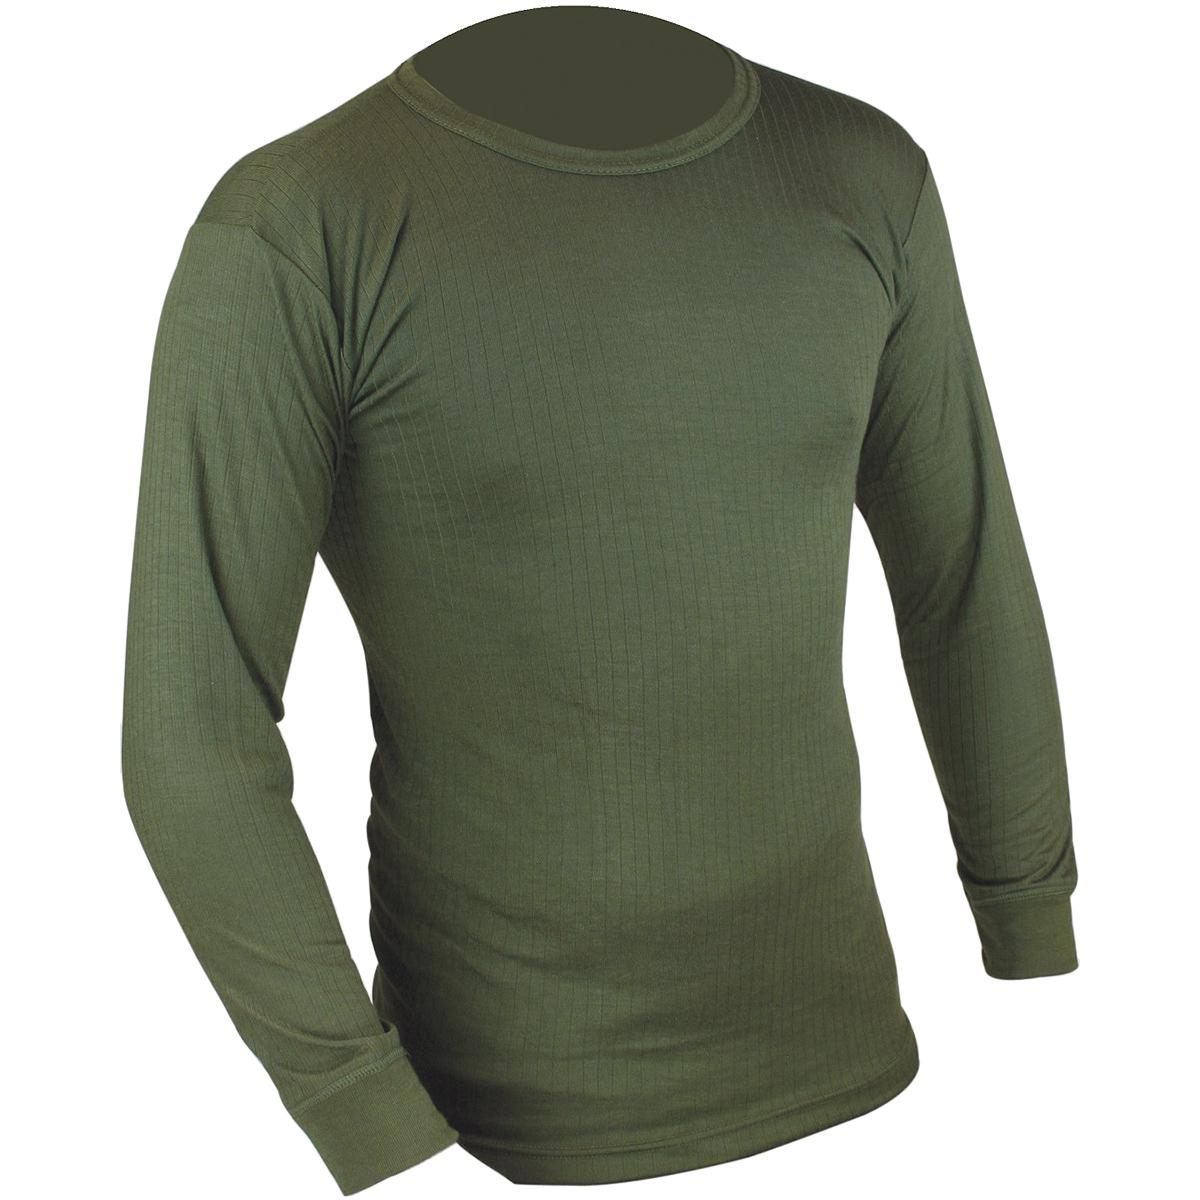 Highlander Thermal Vest Mens Long Sleeve Base Layer Top